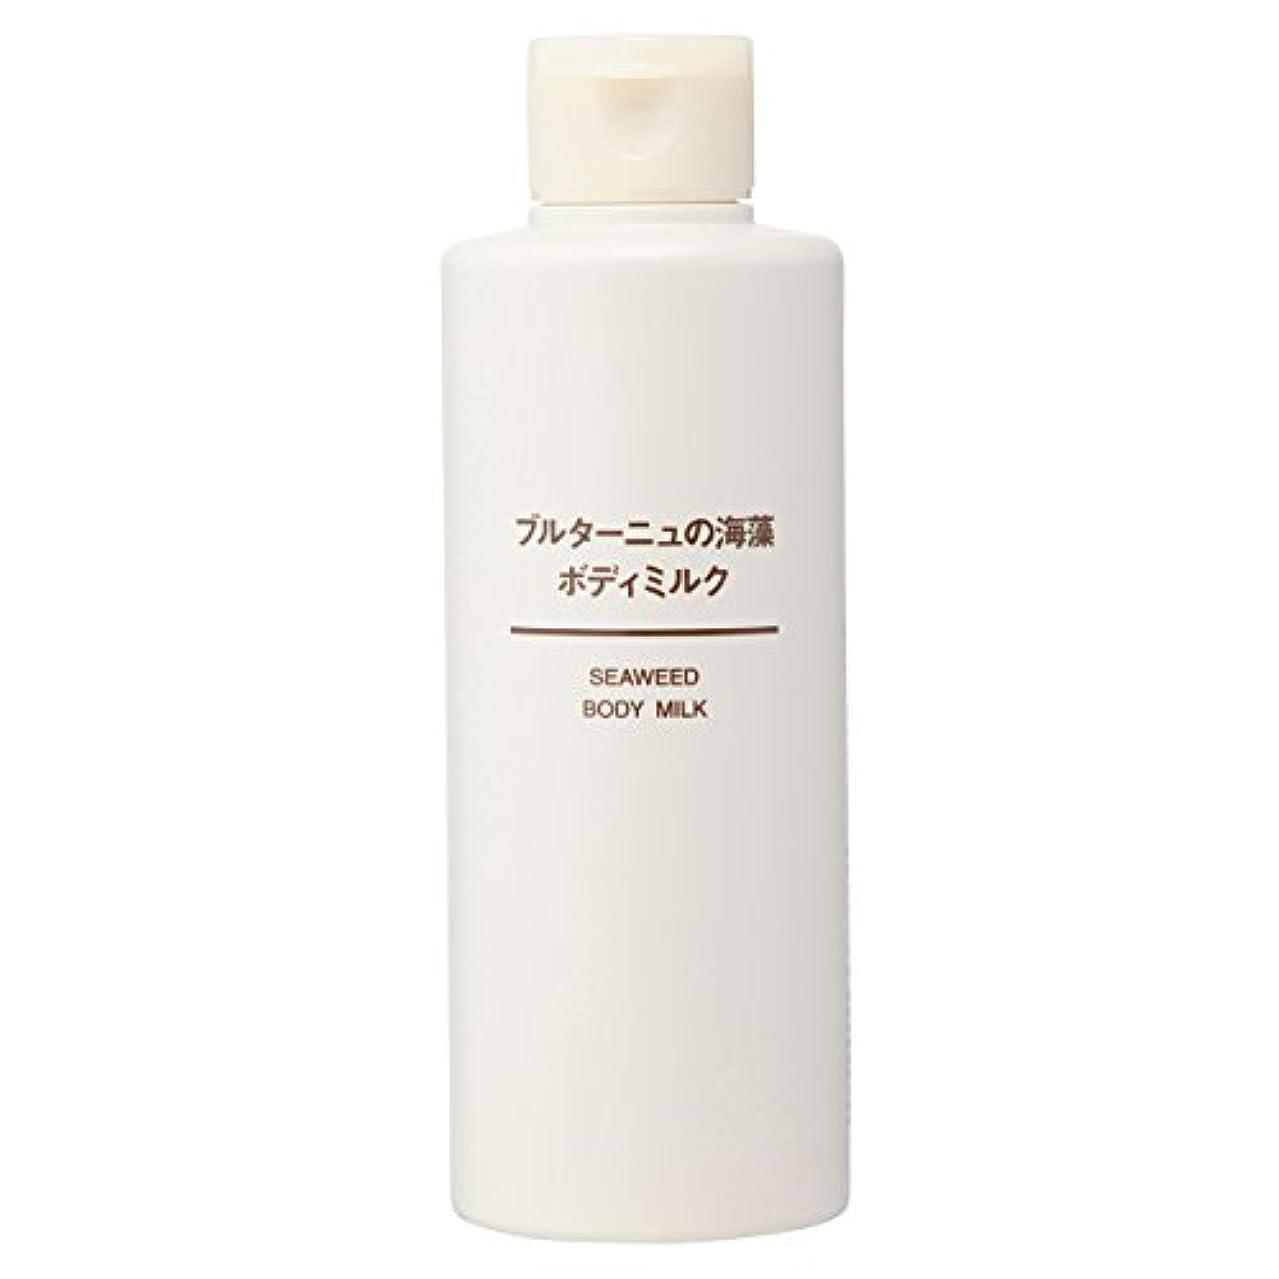 残る潜在的な普通の無印良品 ブルターニュの海藻 ボディミルク 200ml 日本製